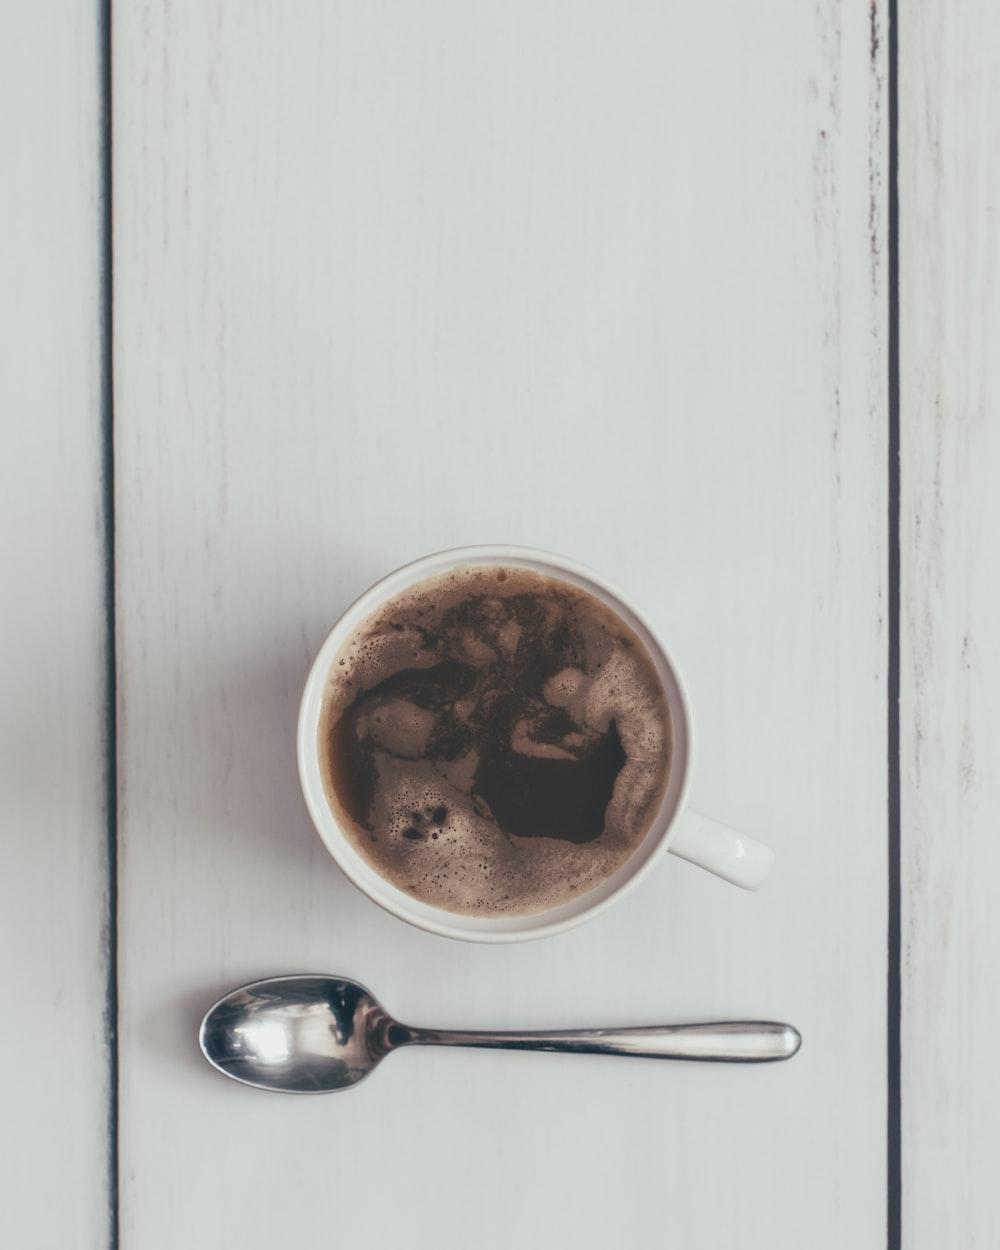 coffee filled teacup by teaspoon